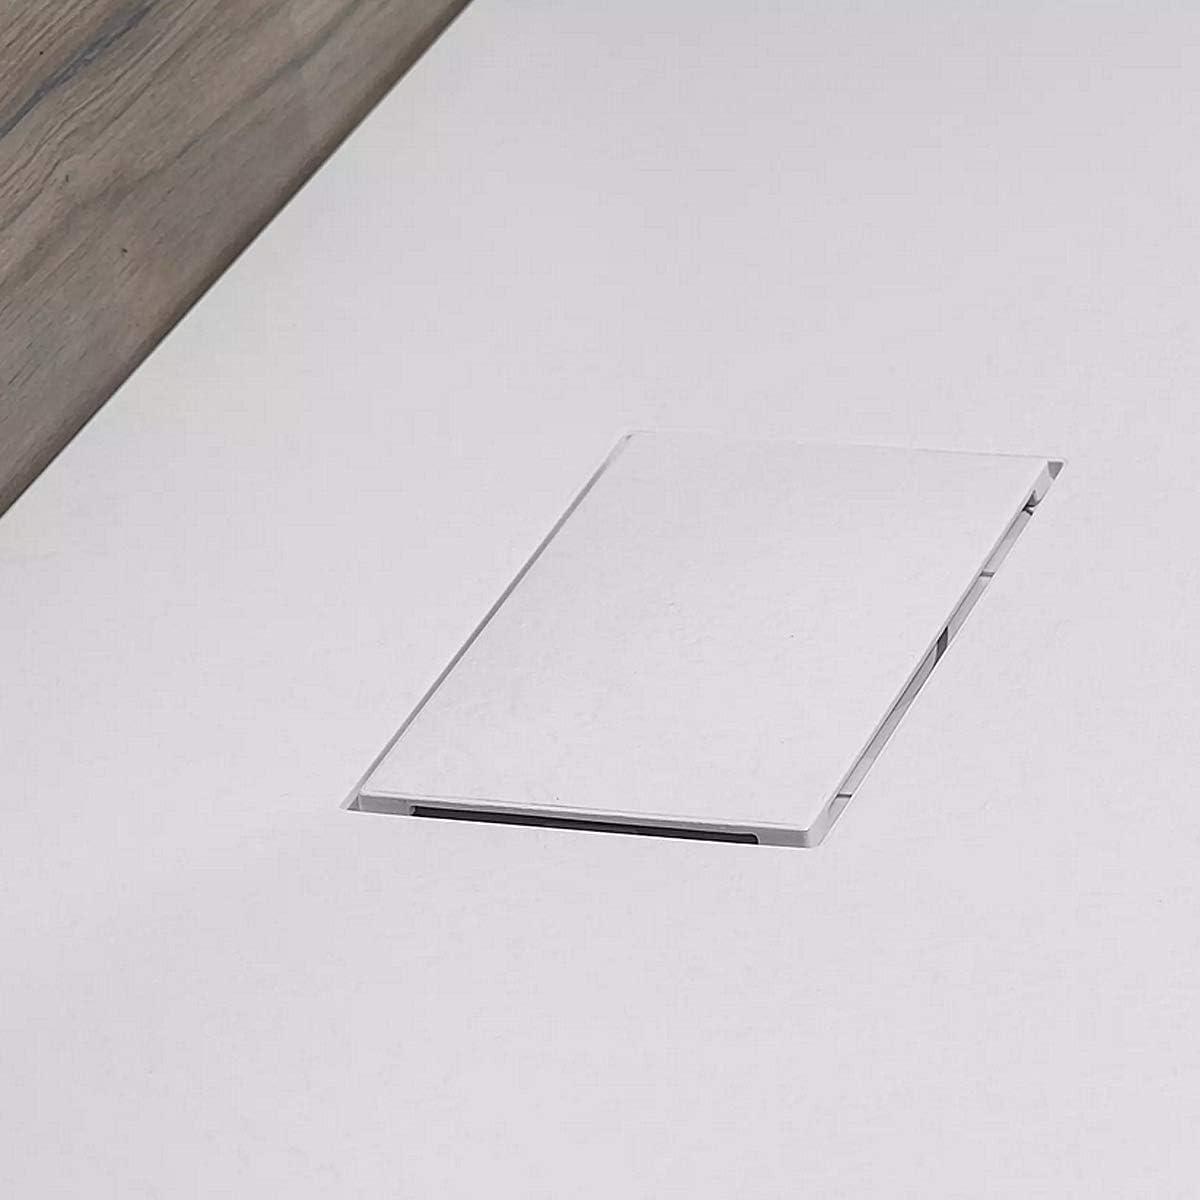 Essence ArredoBagno Receveur de Douche en Verre Ultra Fin en Fibre de Verre SMC Effet Pierre Ardoise /Épaisseur 2,6 cm Bonde Incluse Blanc 90x70 Blanc